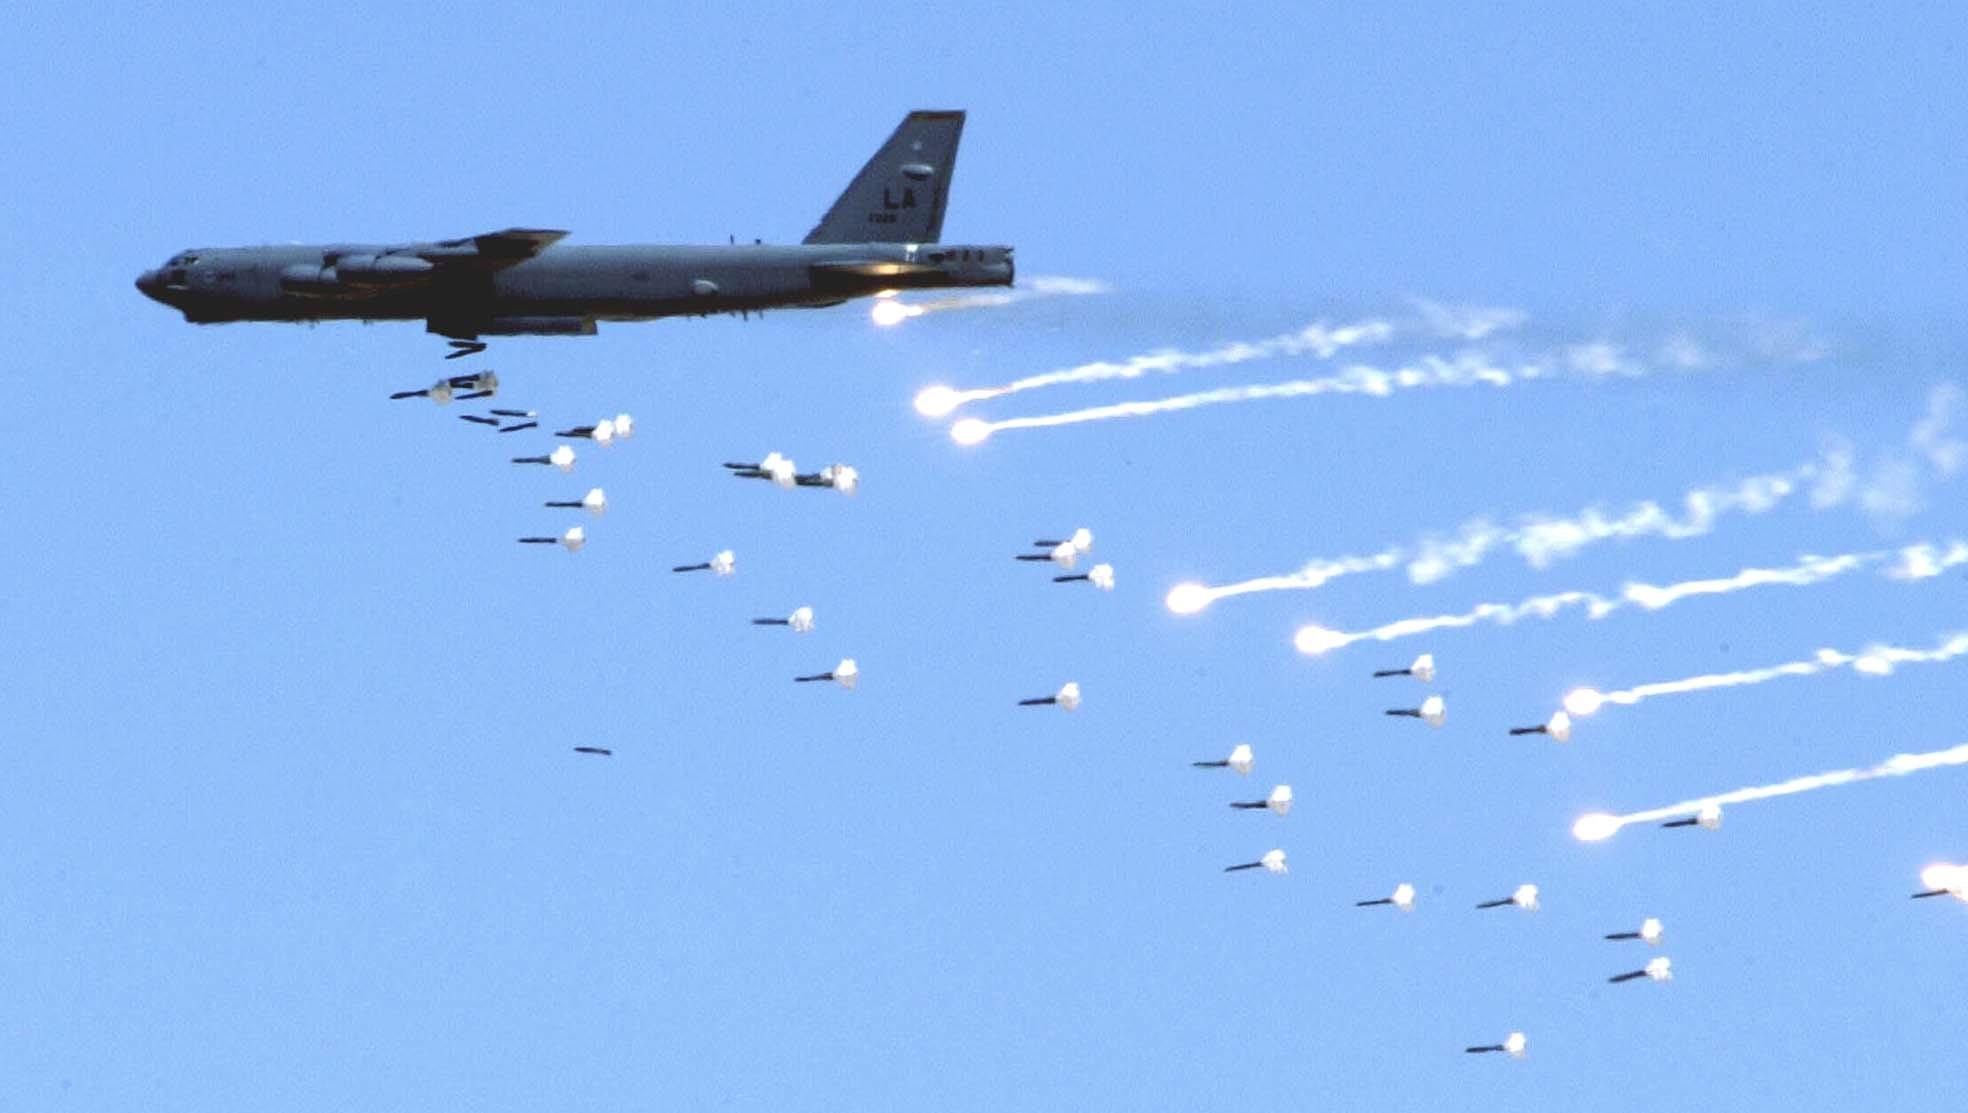 目前,b-52所挂载的最重的单枚炸弹约为5000磅(约2.268吨).素描匡鹏智几何体教程图片